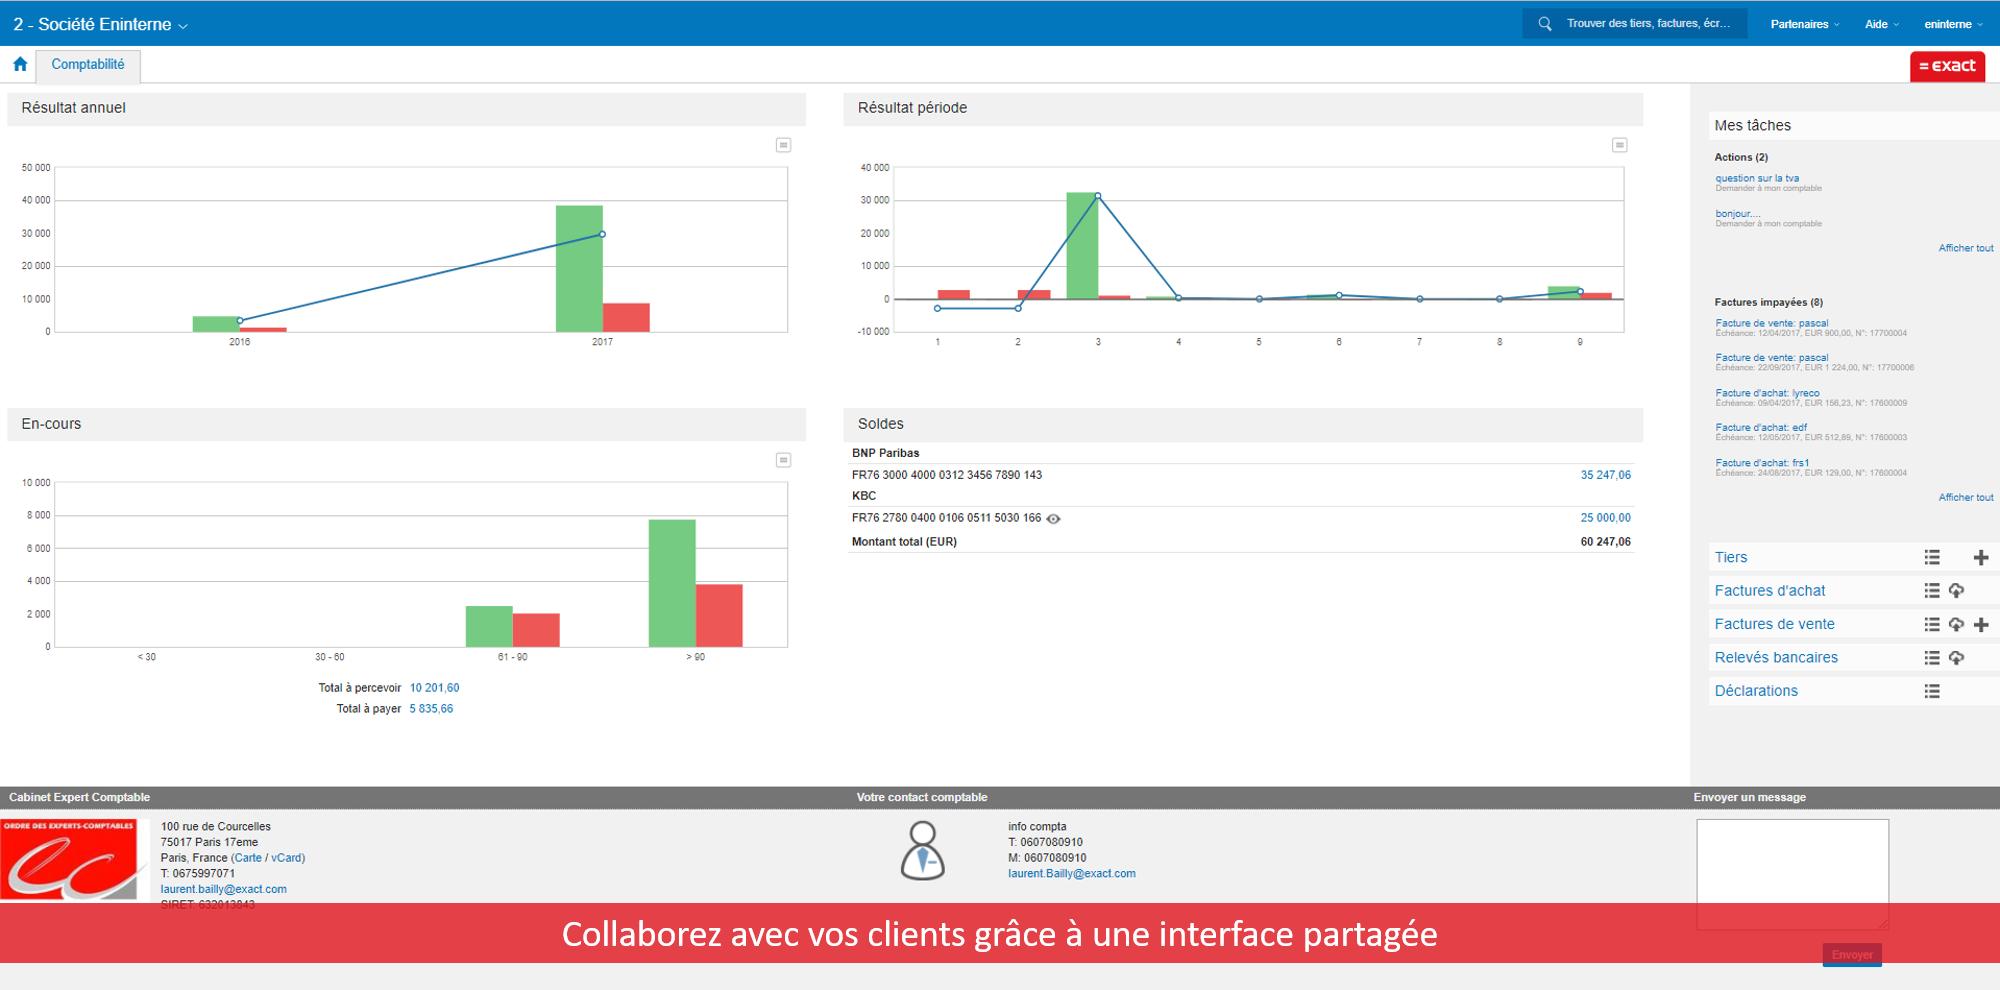 6_Collaboration client